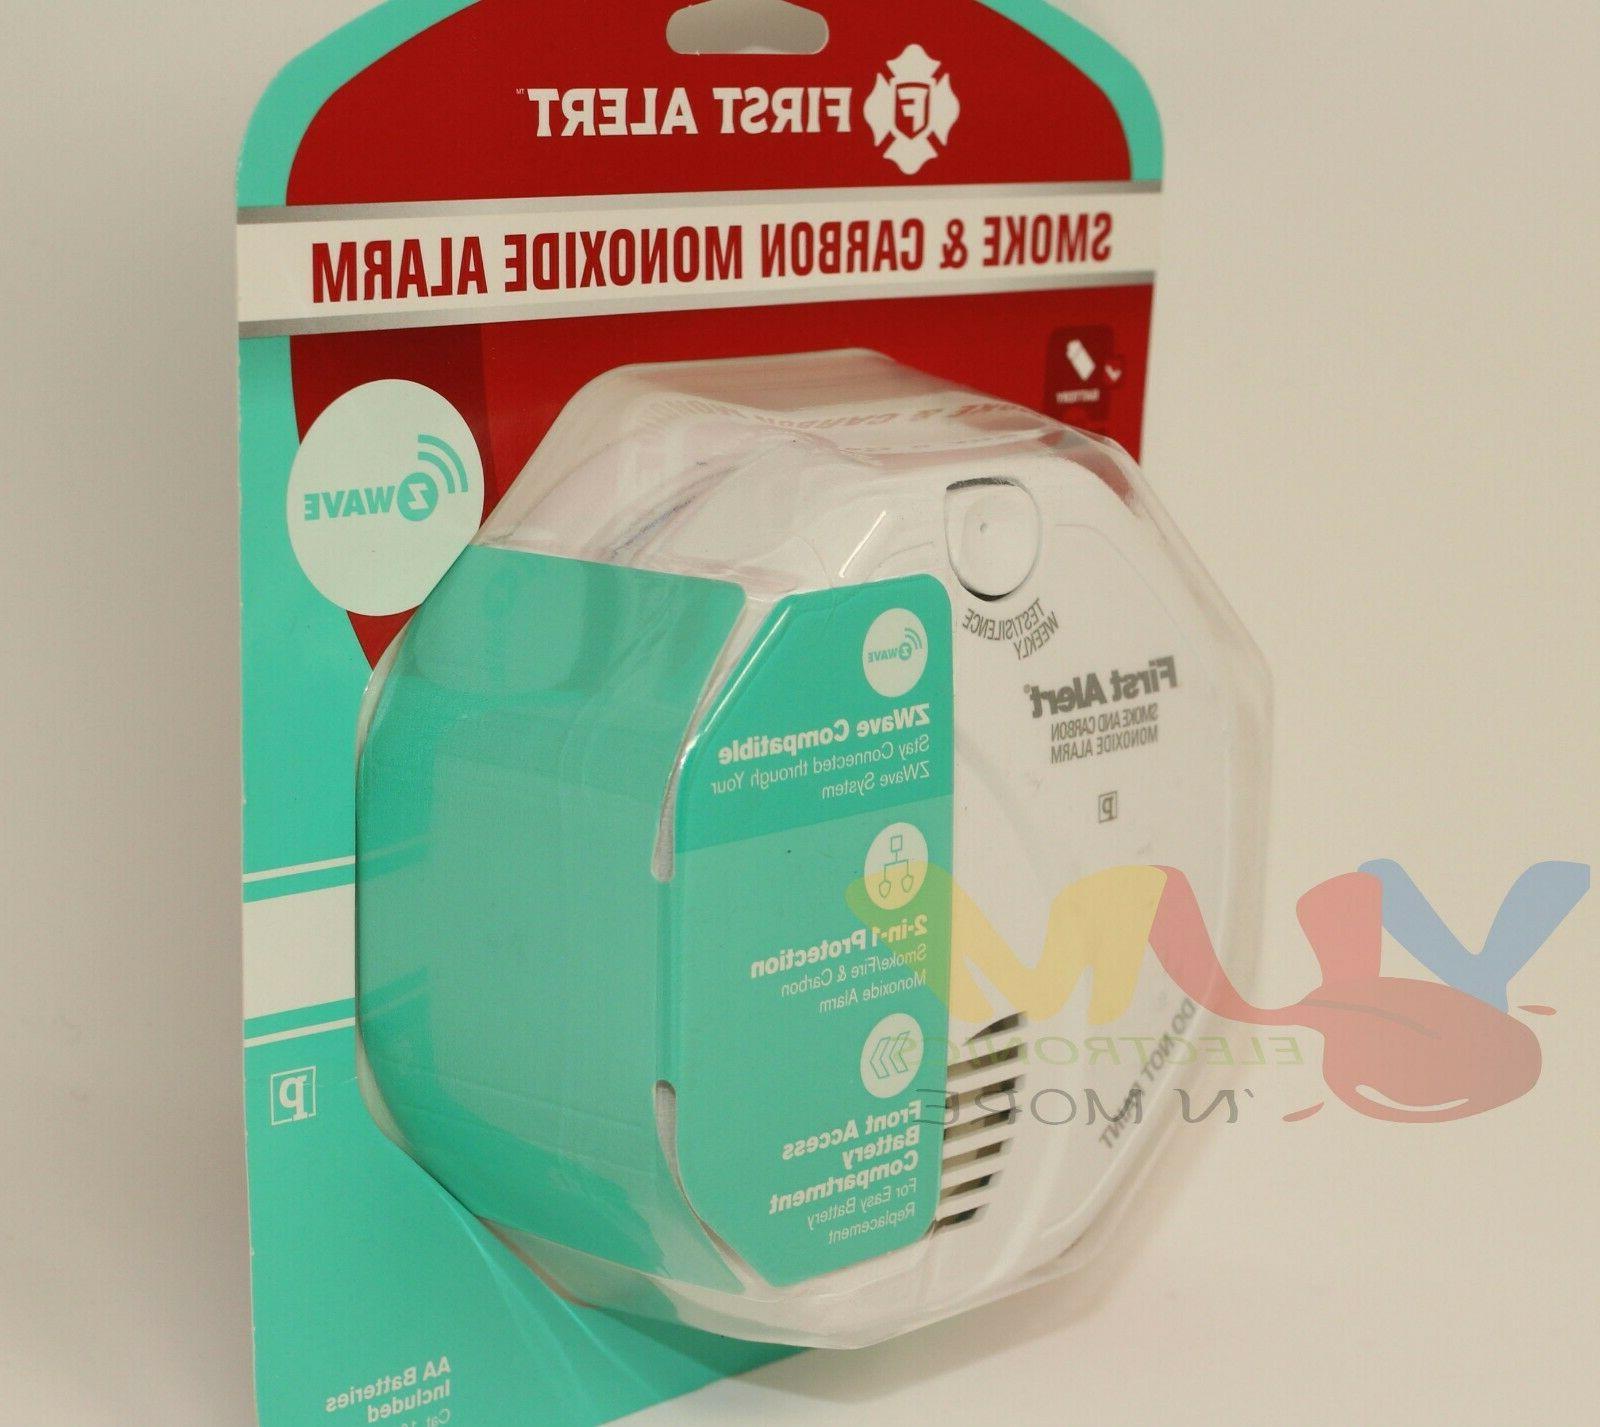 First Photoelectric Monoxide Alarm